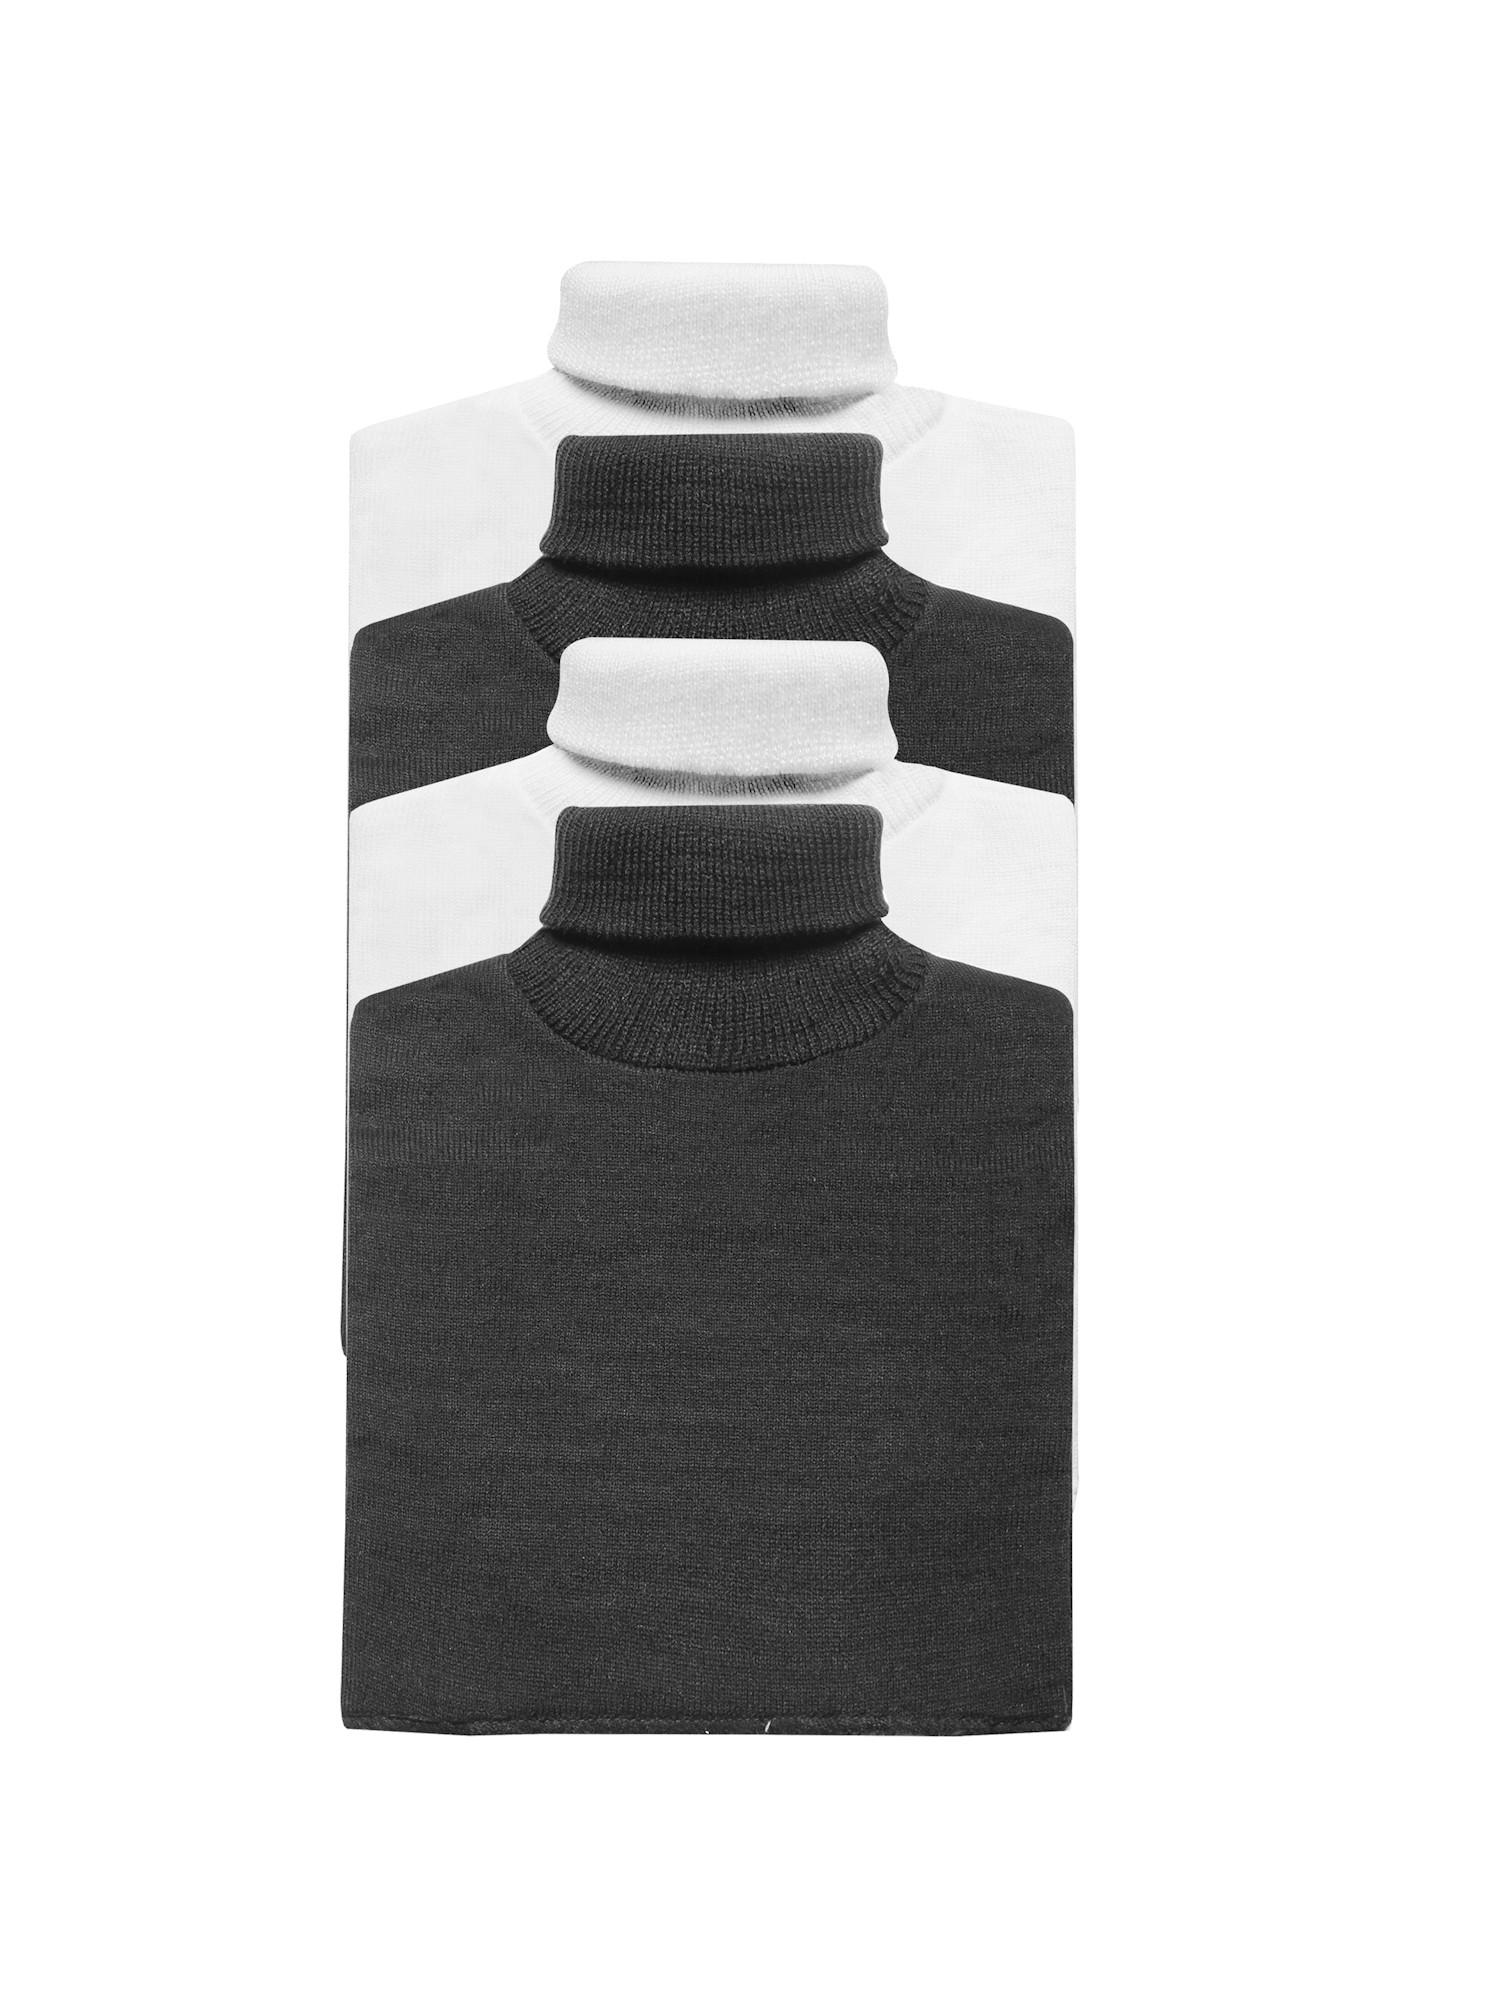 Black Mock Turtleneck T Shirts